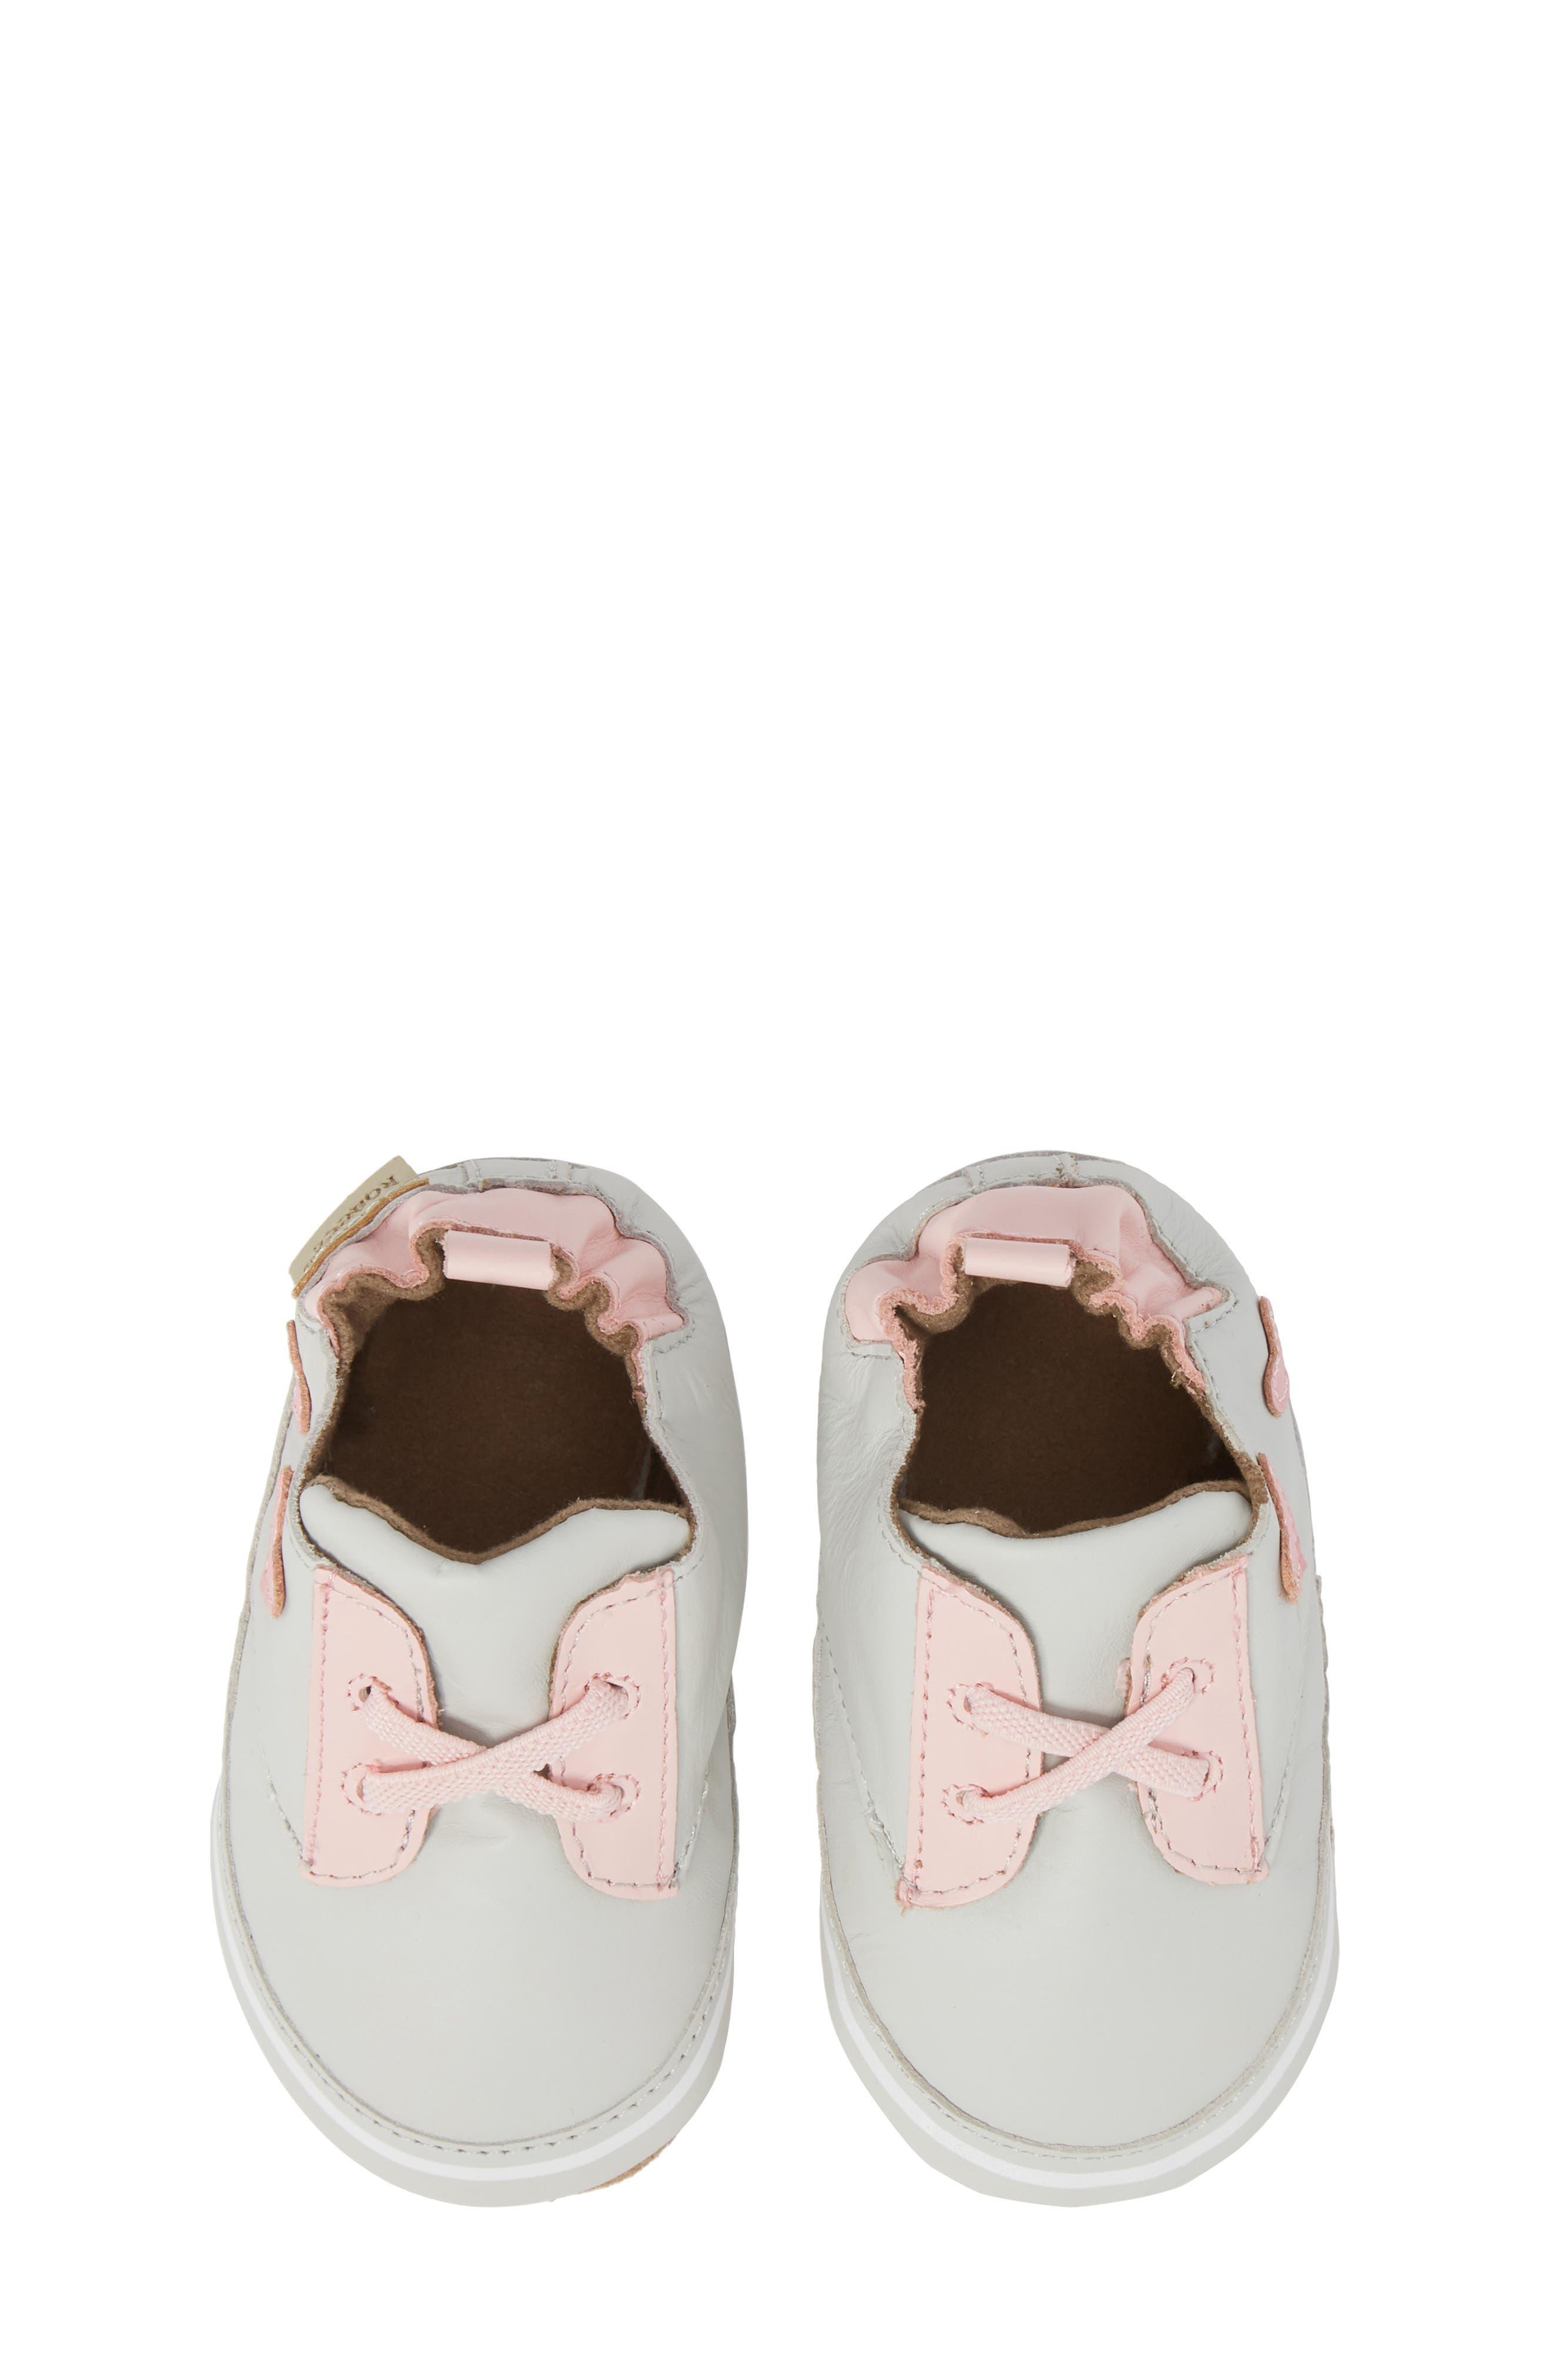 Heartbreaker Slip-On Crib Sneaker,                             Main thumbnail 1, color,                             Light Grey